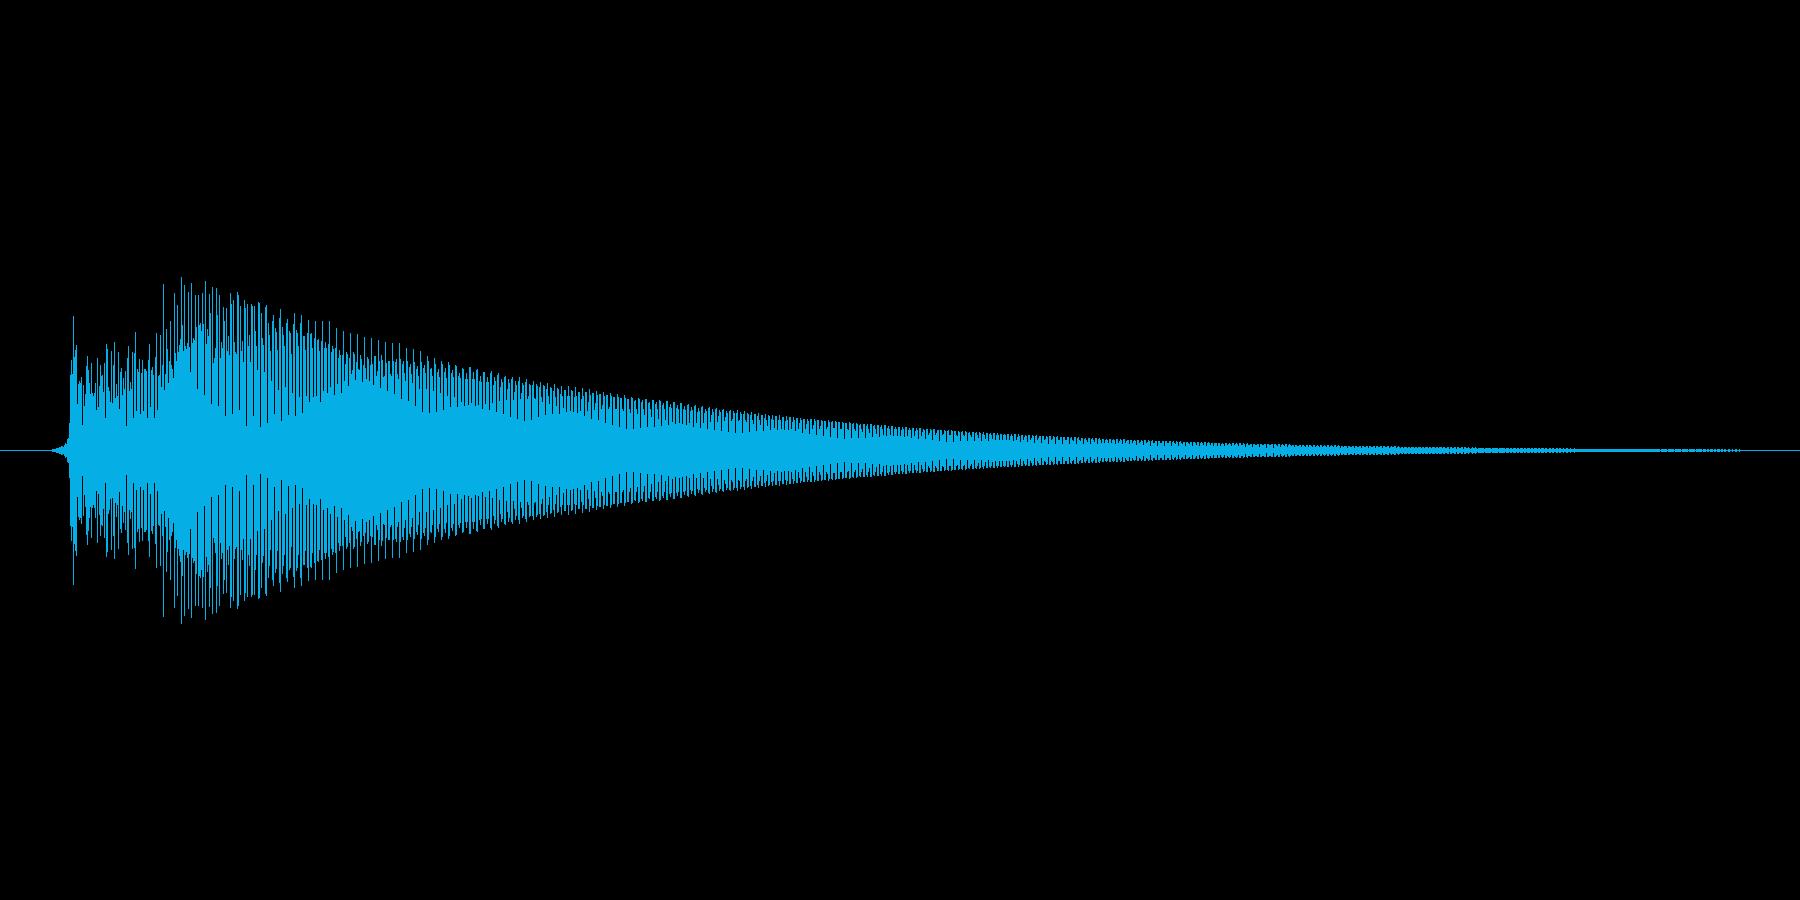 「コロンッ」スマホアプリのタッチ音想定。の再生済みの波形